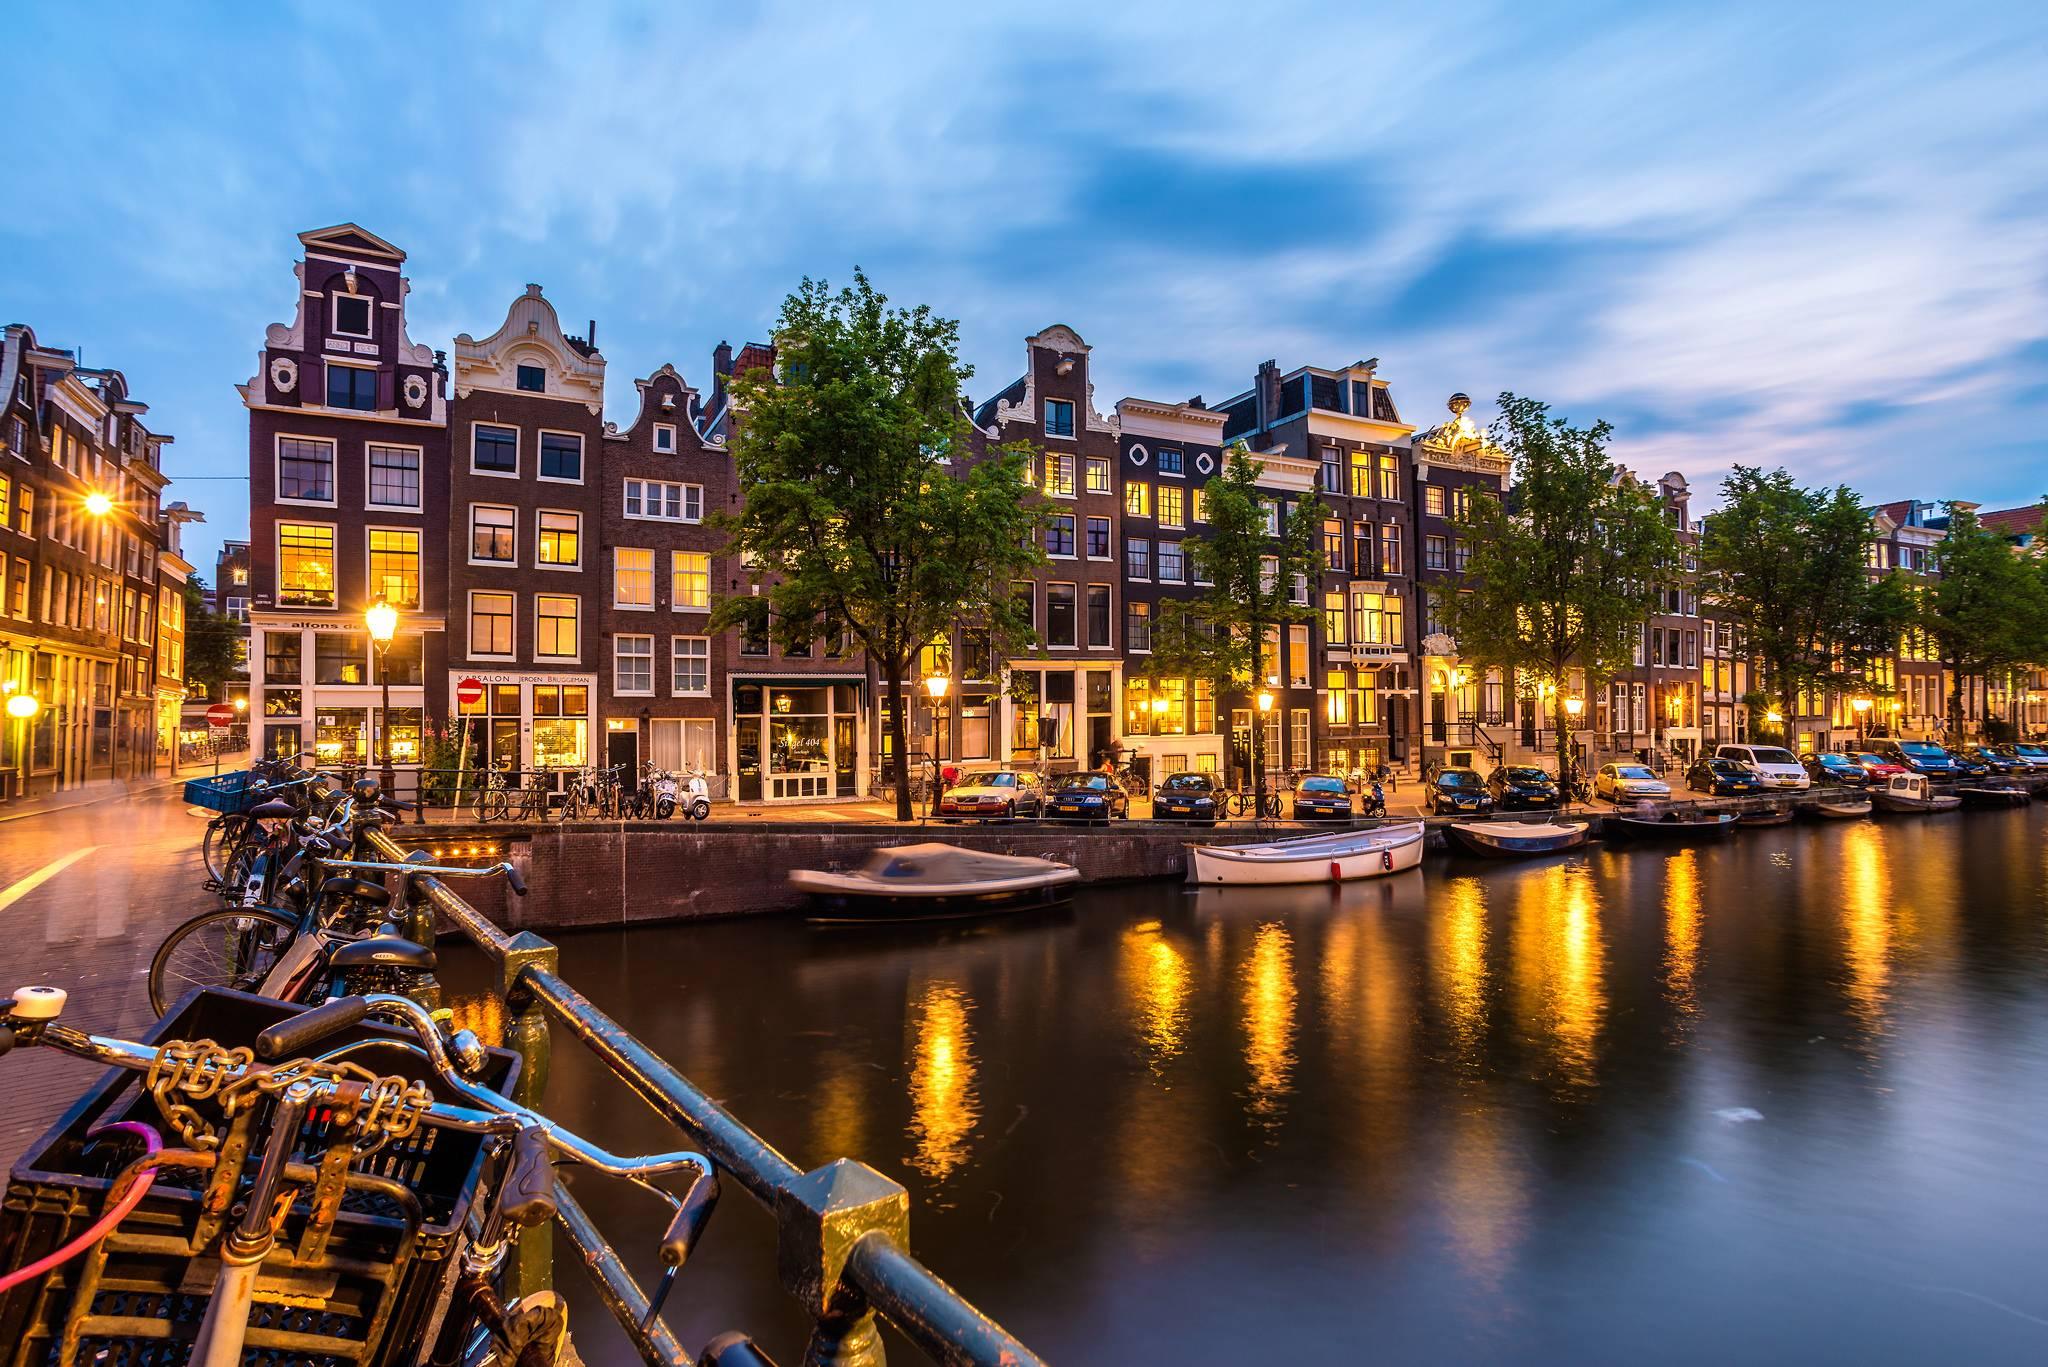 века спустя фото амстердама в хорошем качестве лето продуктов